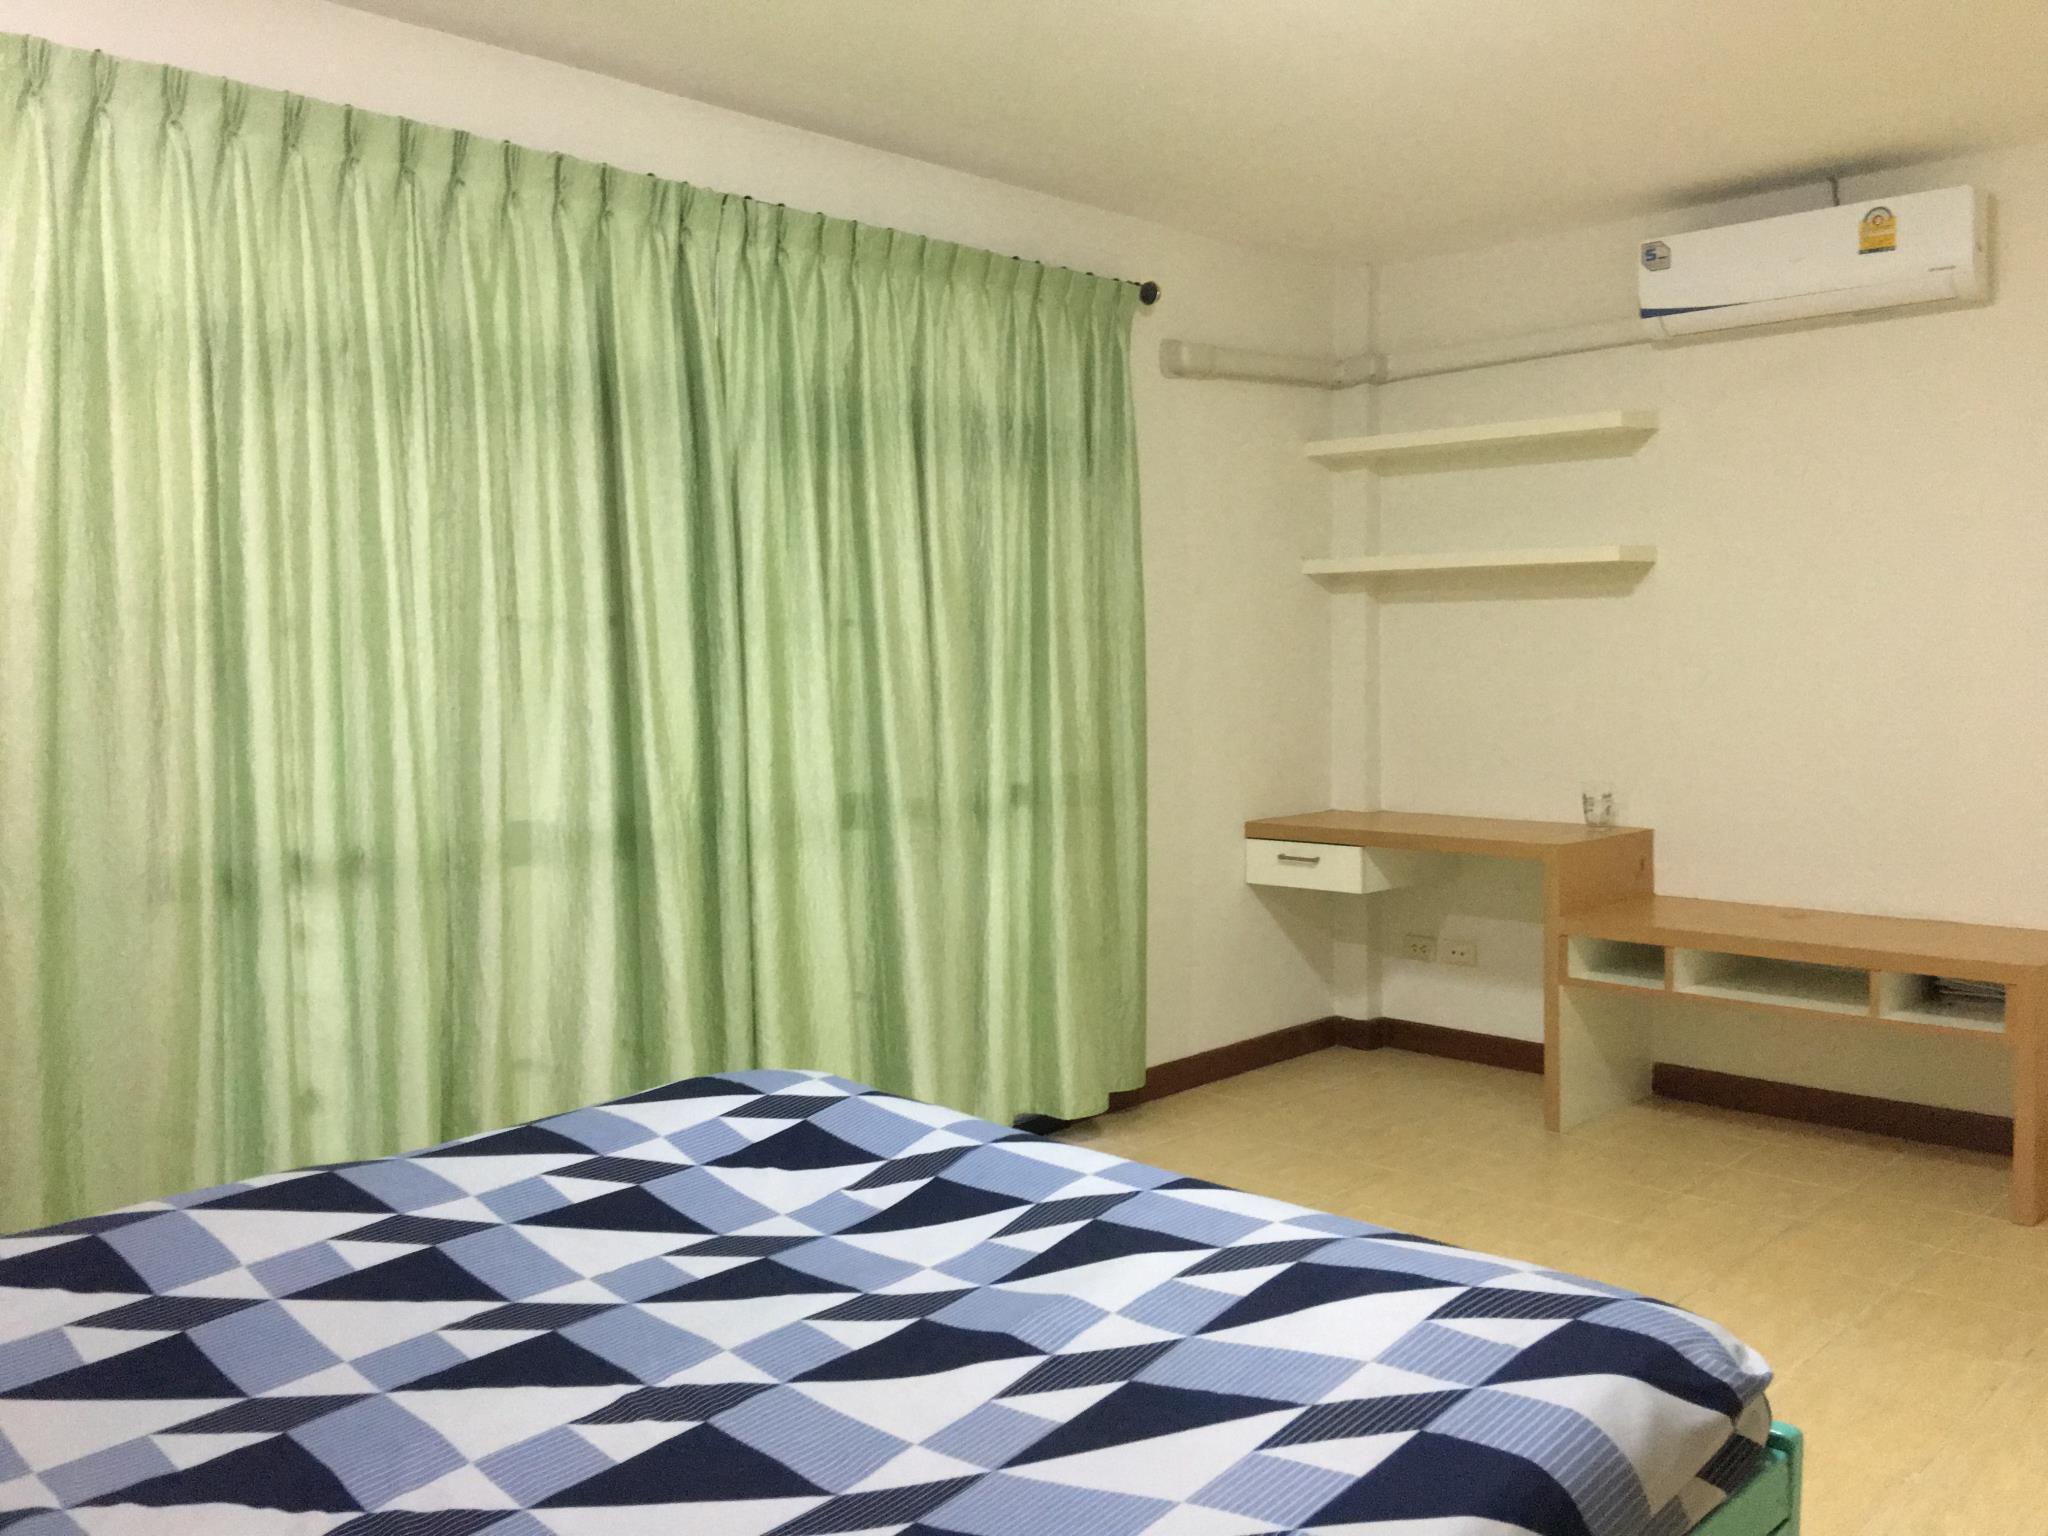 สตูดิโอ บ้าน 3 ห้องน้ำส่วนตัว ขนาด 178 ตร.ม. – สนามบินสุวรรณภูมิ